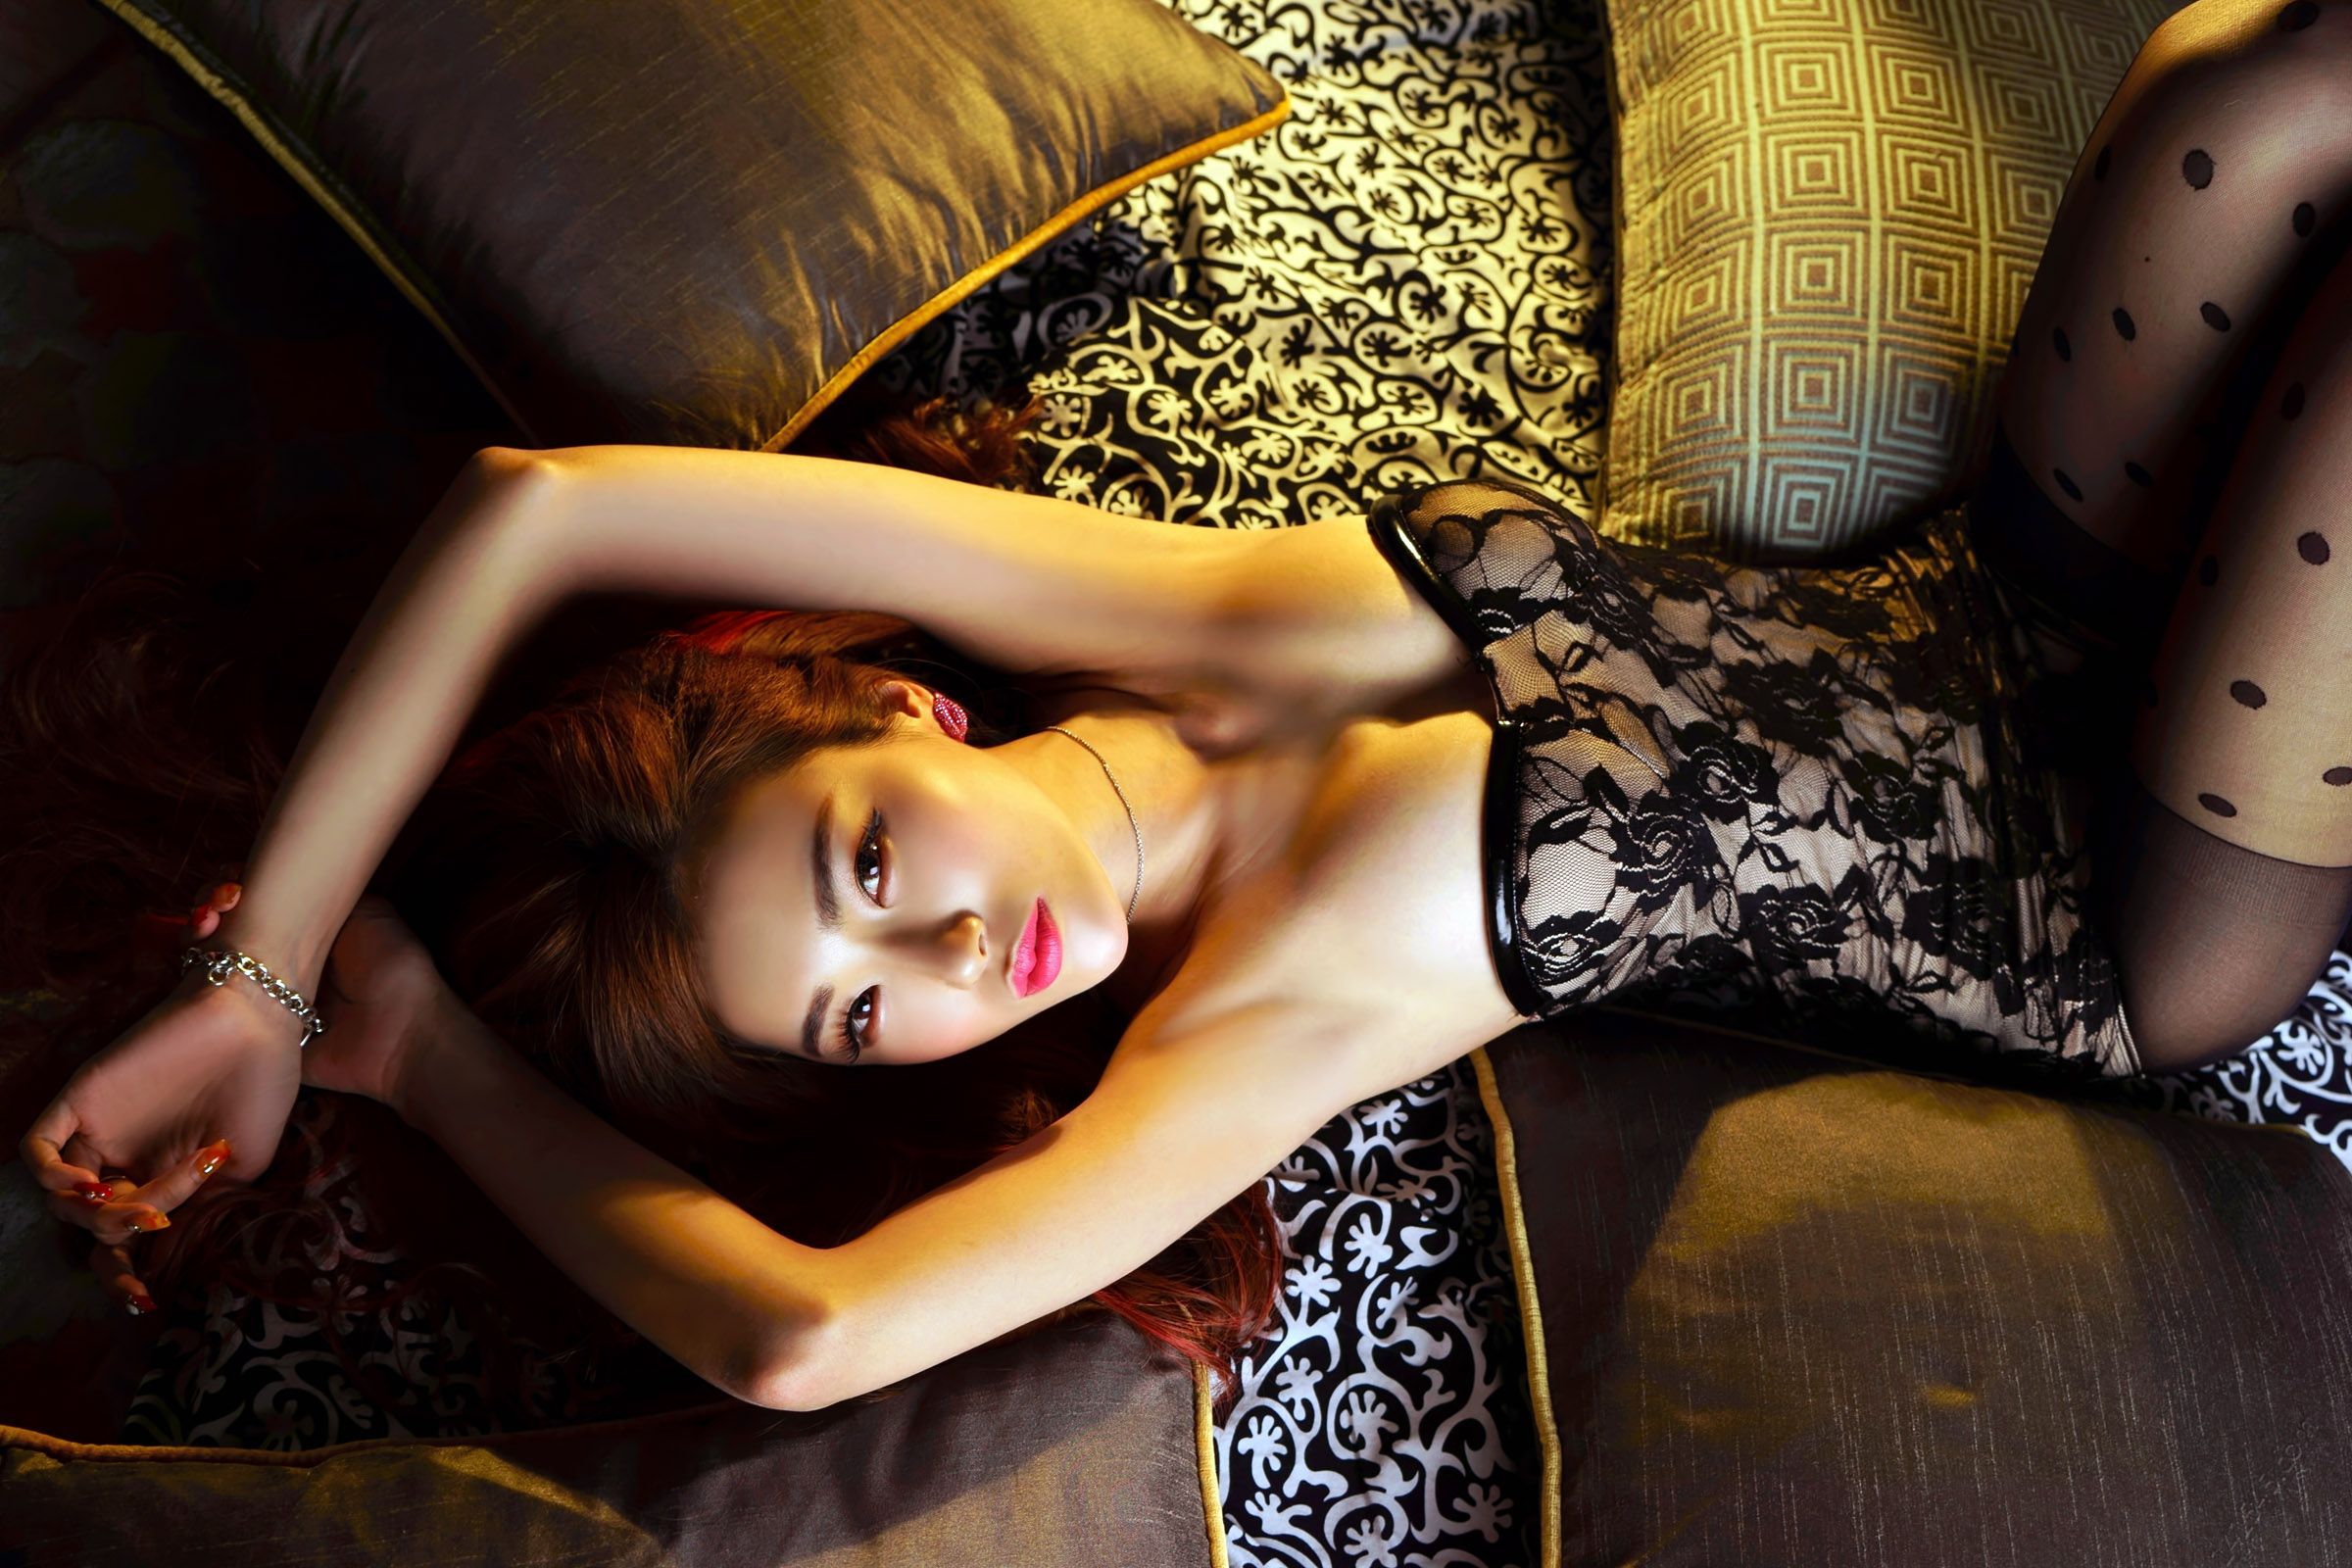 性感小夜猫梦小楠 - 花開有聲 - 花開有聲